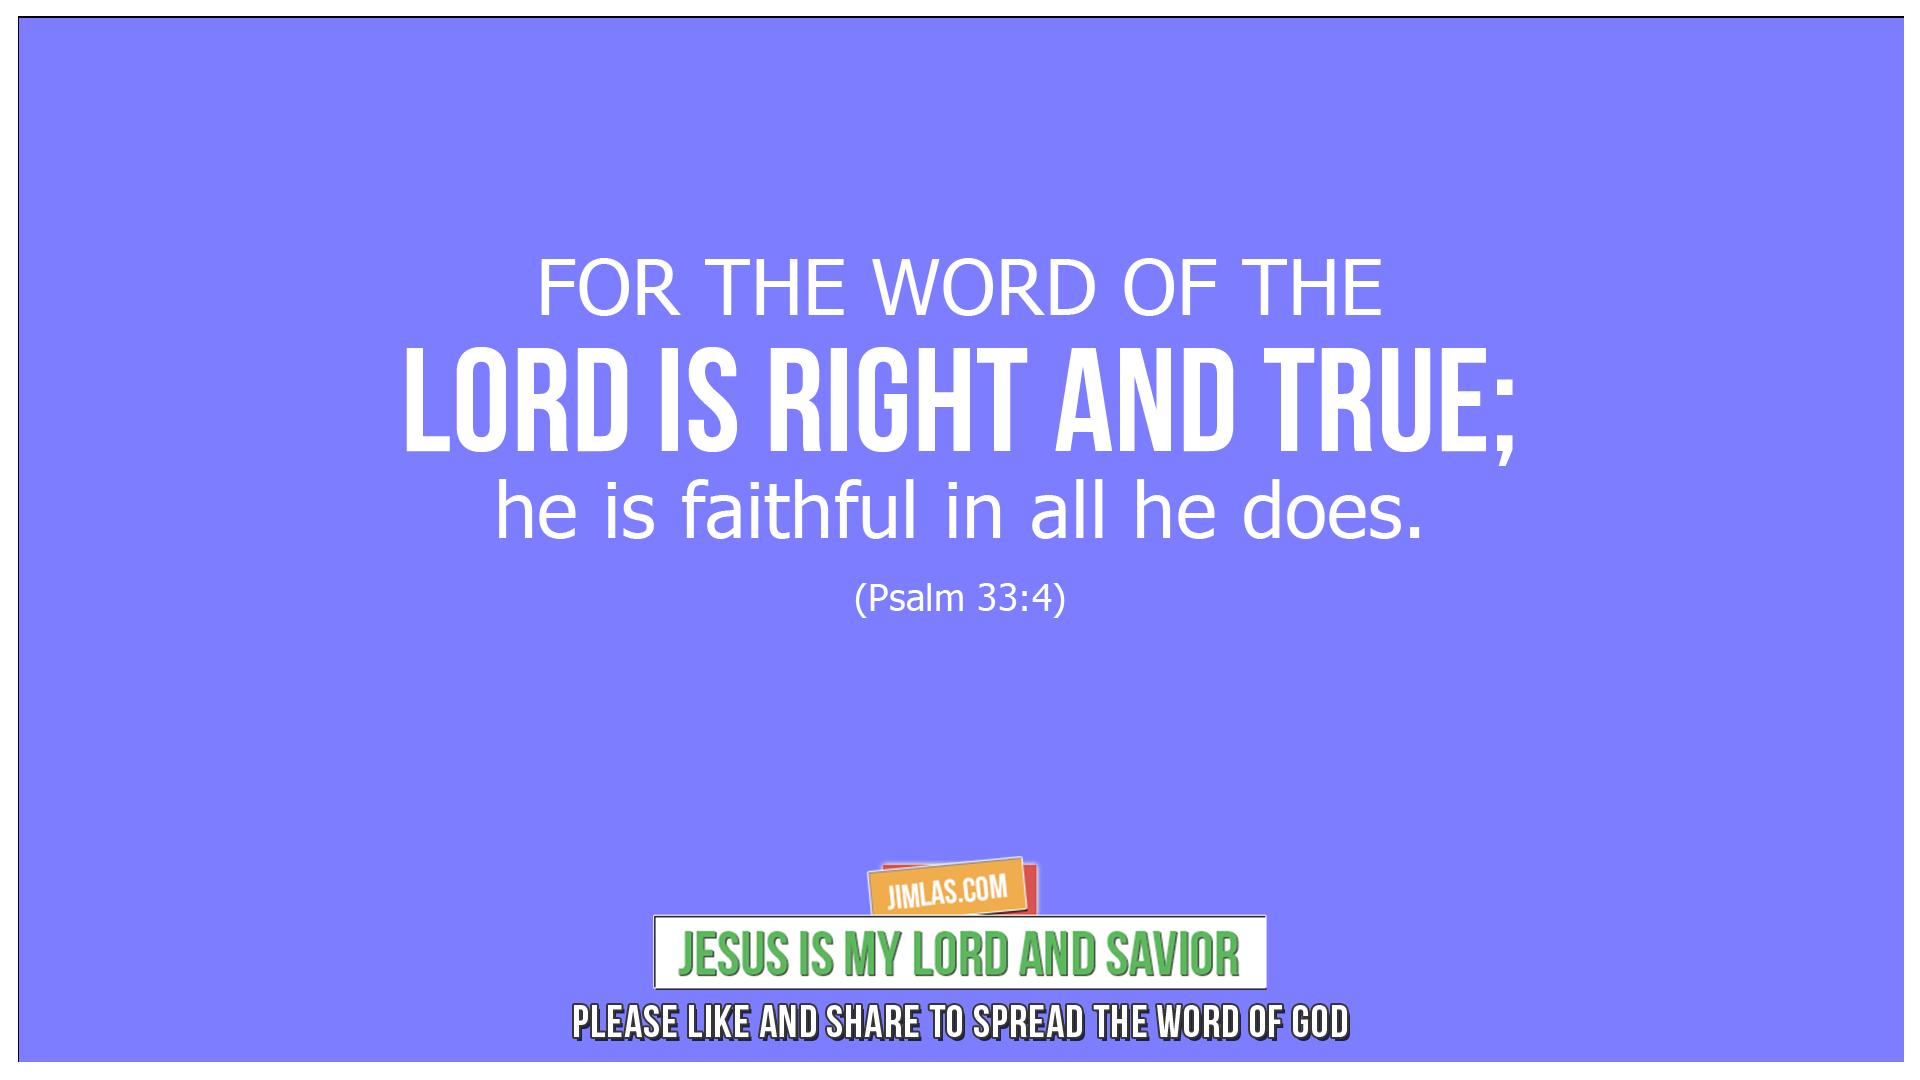 psalm 33 4, Psalm 33:4